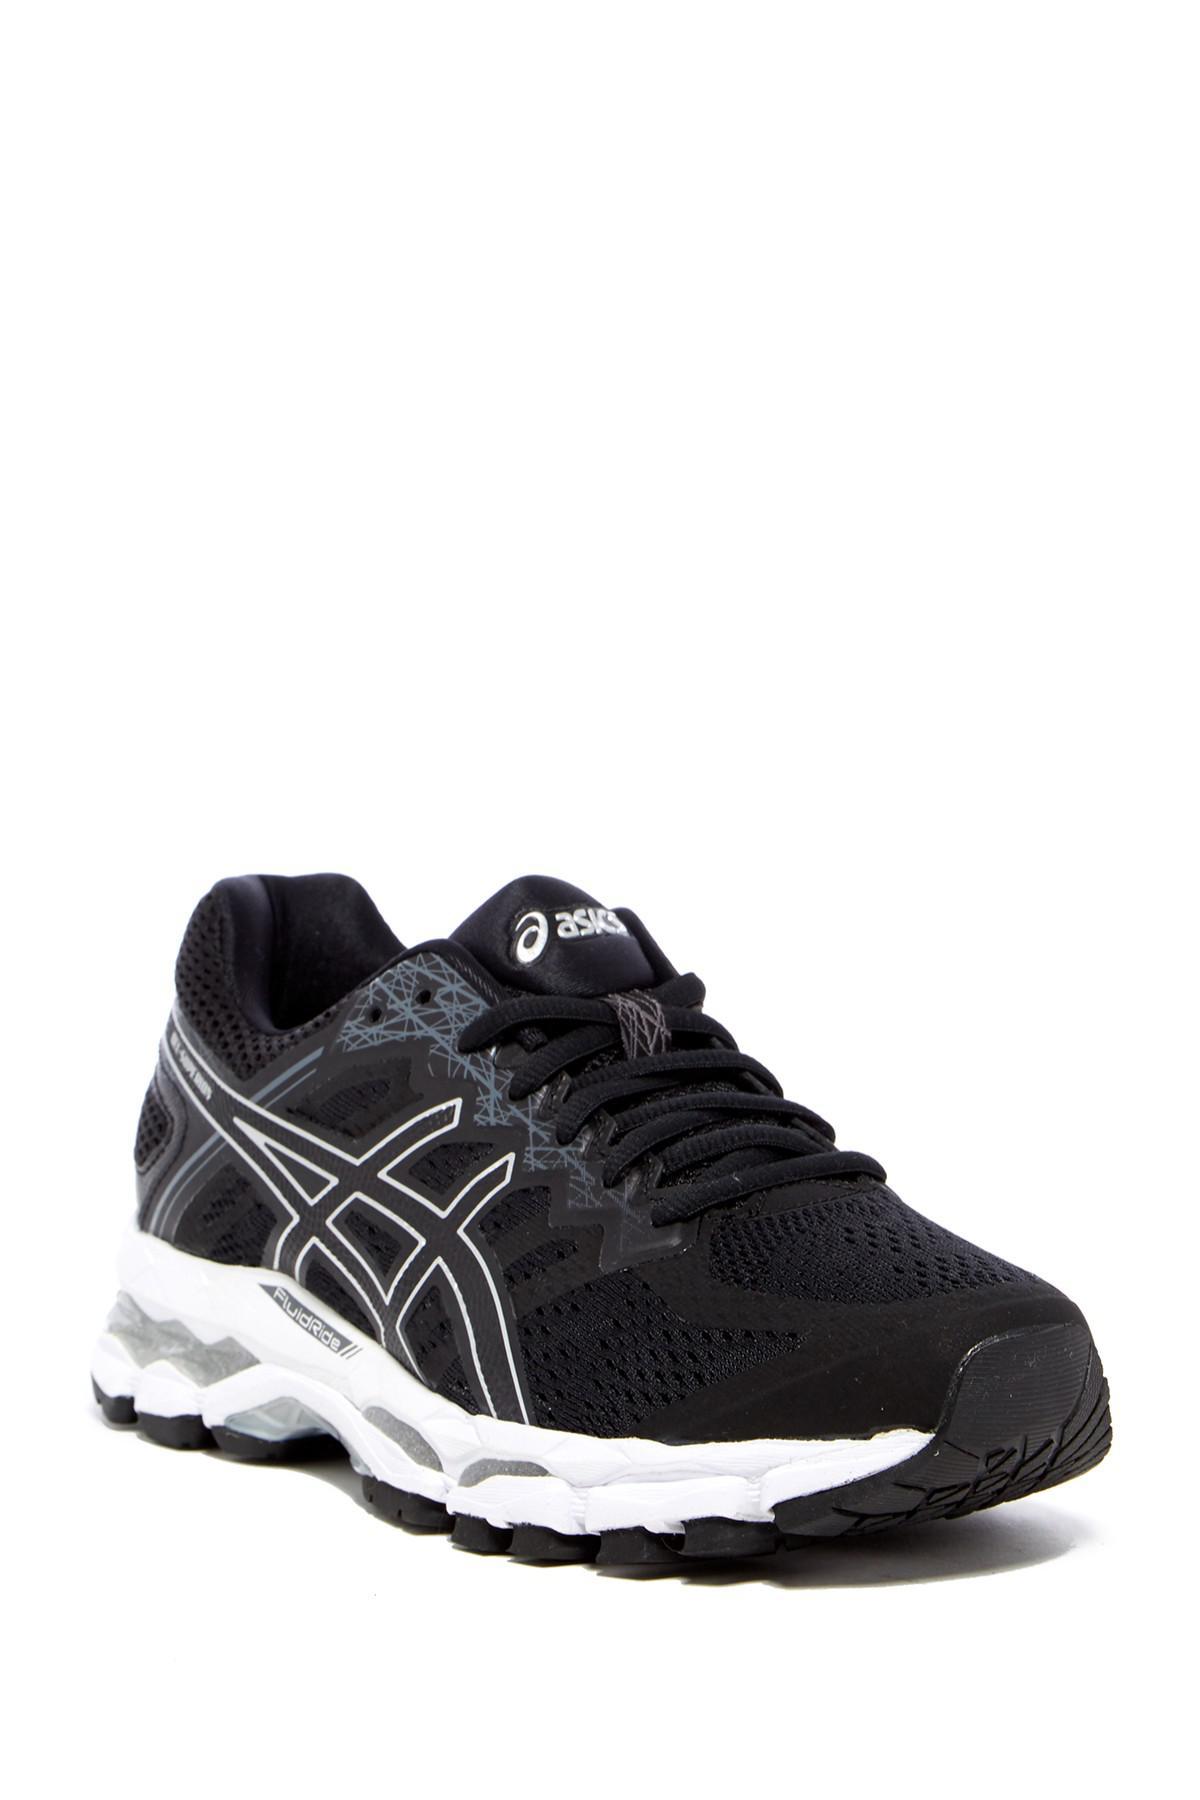 Lyst Asics Gel Gel 19998 homme superion Sneaker en noir pour homme bbd43c4 - torquewrench.site